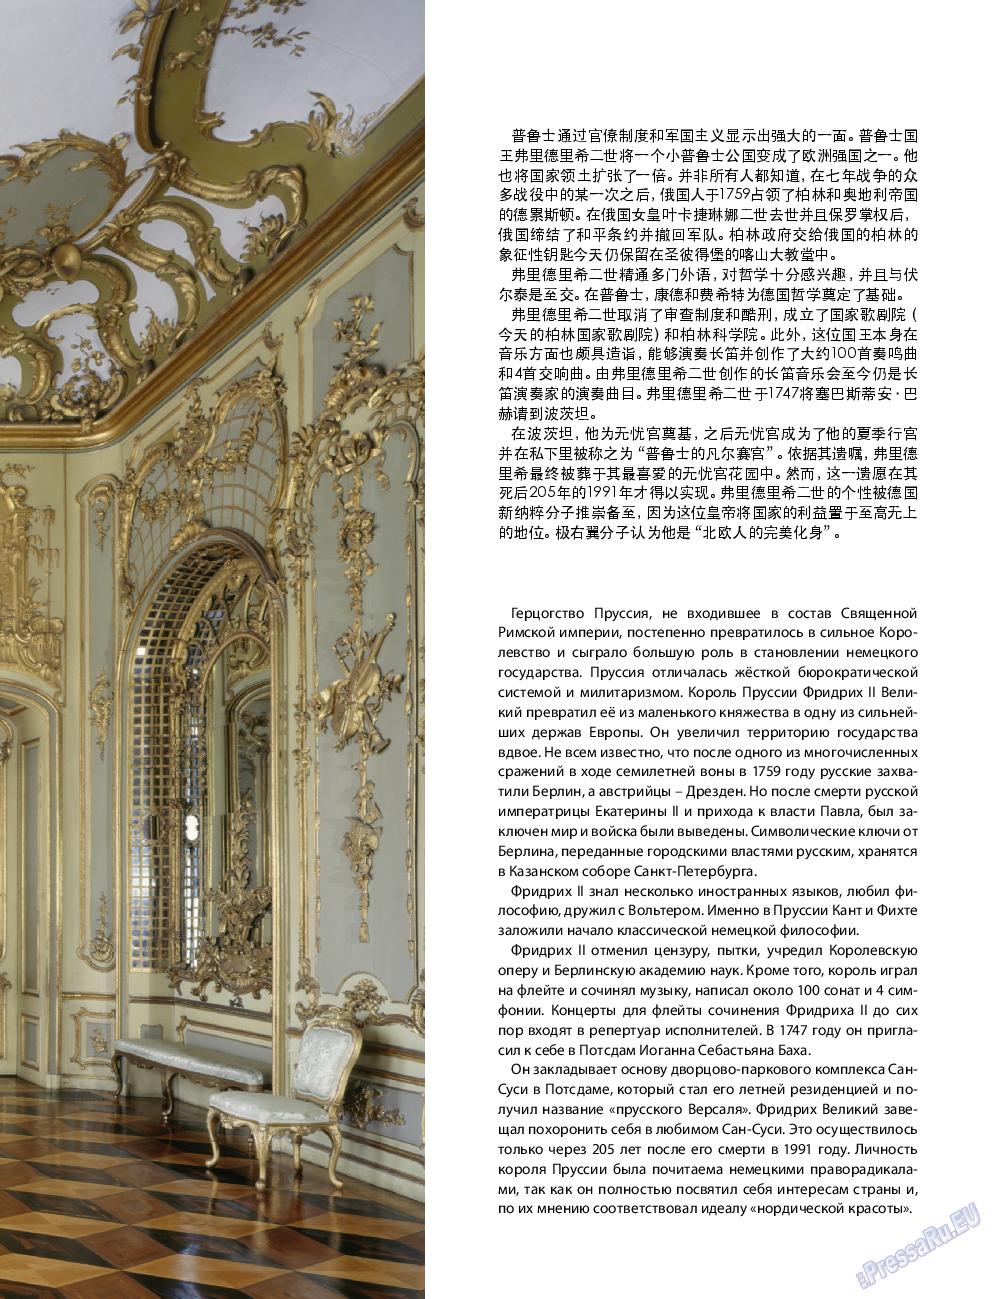 Клан (журнал). 2014 год, номер 7, стр. 37